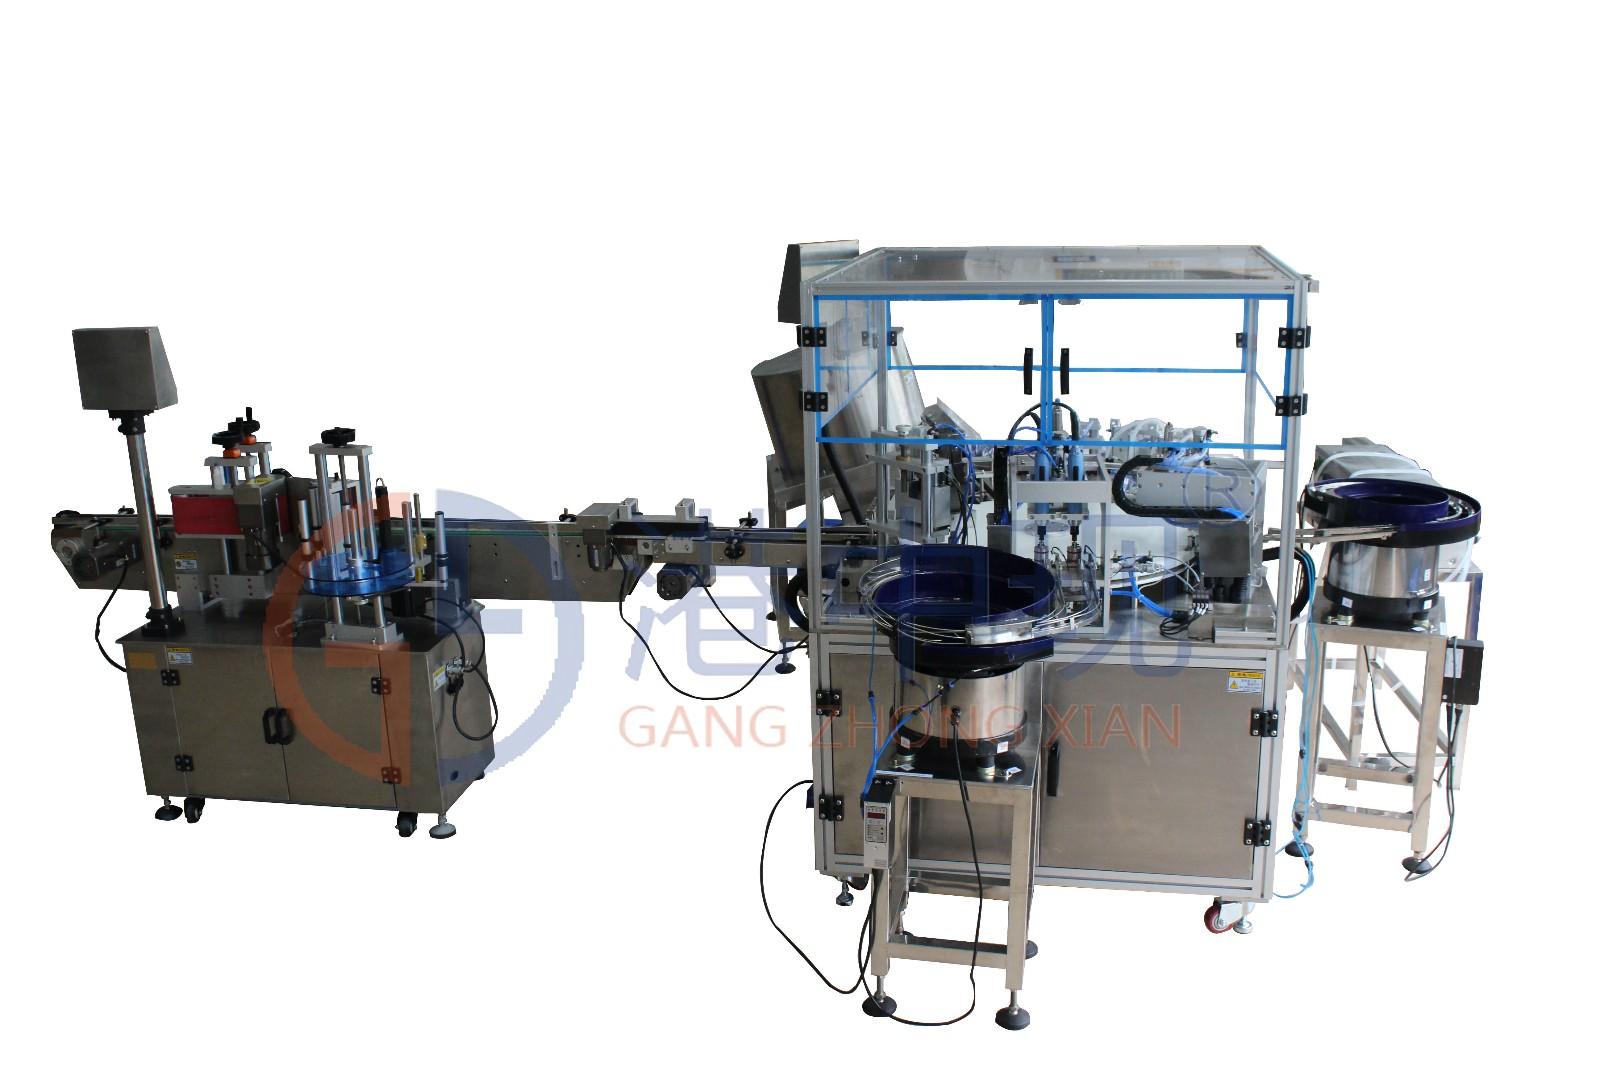 灌装机械全自动烟油灌装机生产商服务商 我们推荐烟油灌装机设备 分页机